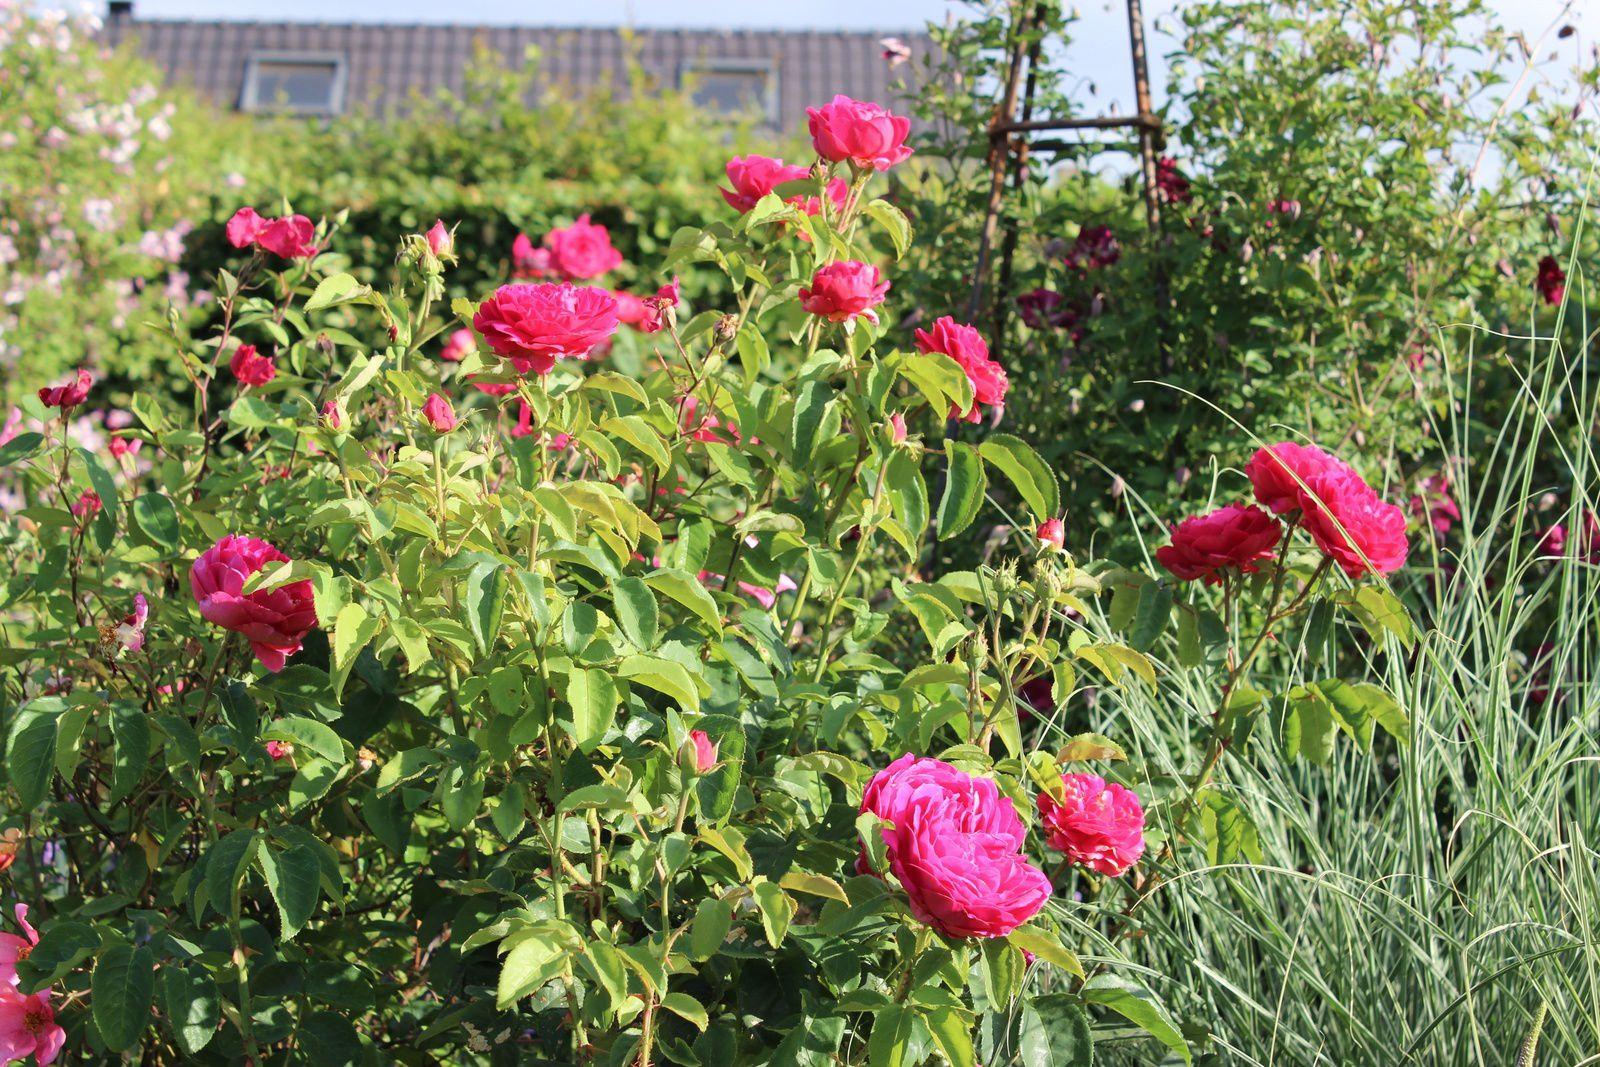 """Il y aussi """"Othelllo"""" de David Austin qui a vivoté pendant plusieurs années et qui a acquis une belle allure maintenant. Il a des  roses hyper parfumées (fruité)."""